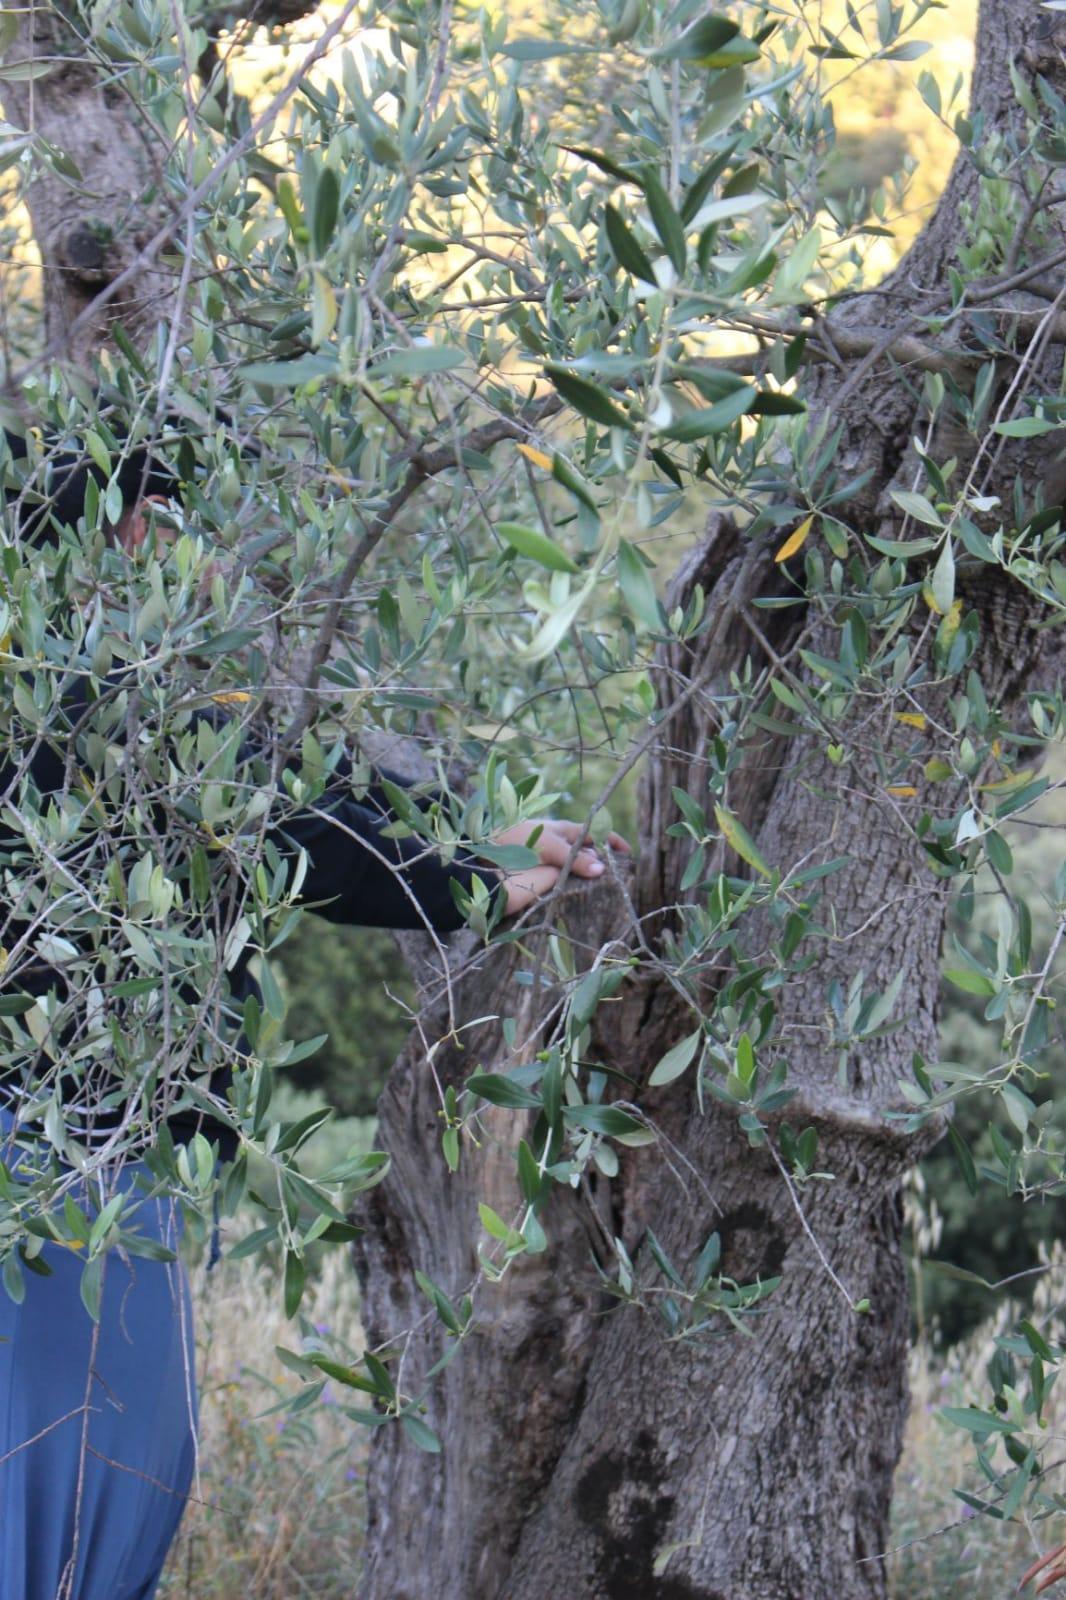 Alla scoperta dell'olivo: passeggiata sensoriale con degustazione di olio